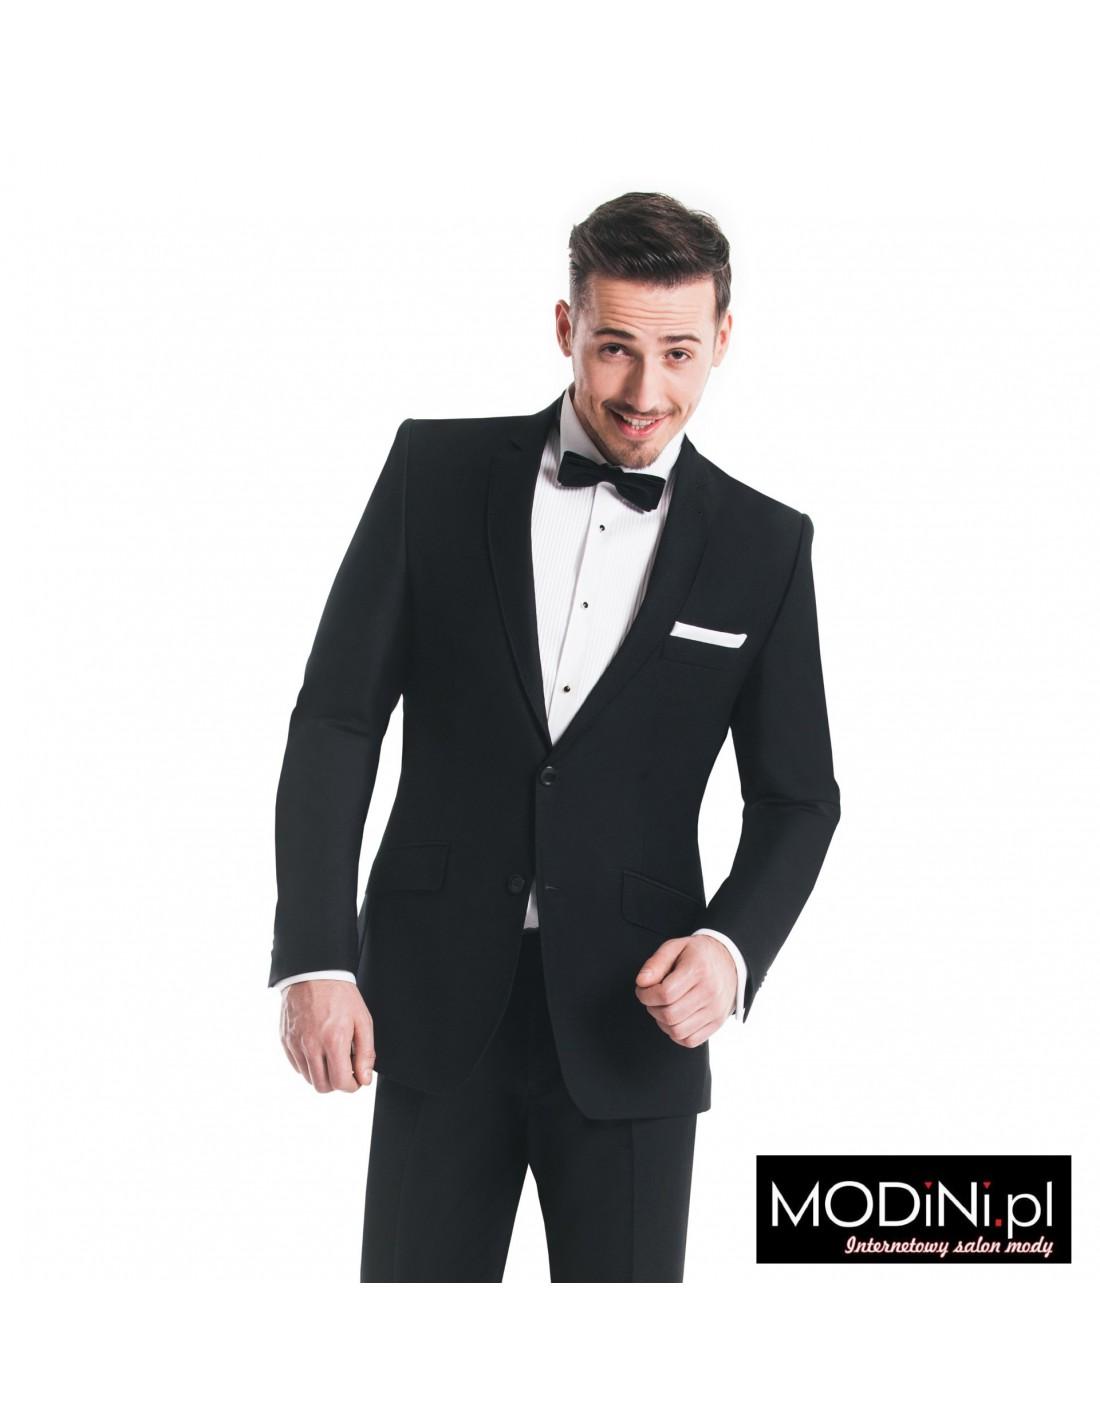 0f1344c9a6a55 Garnitury męskie, modne w 2018 | Sklep Internetowy Modini.pl